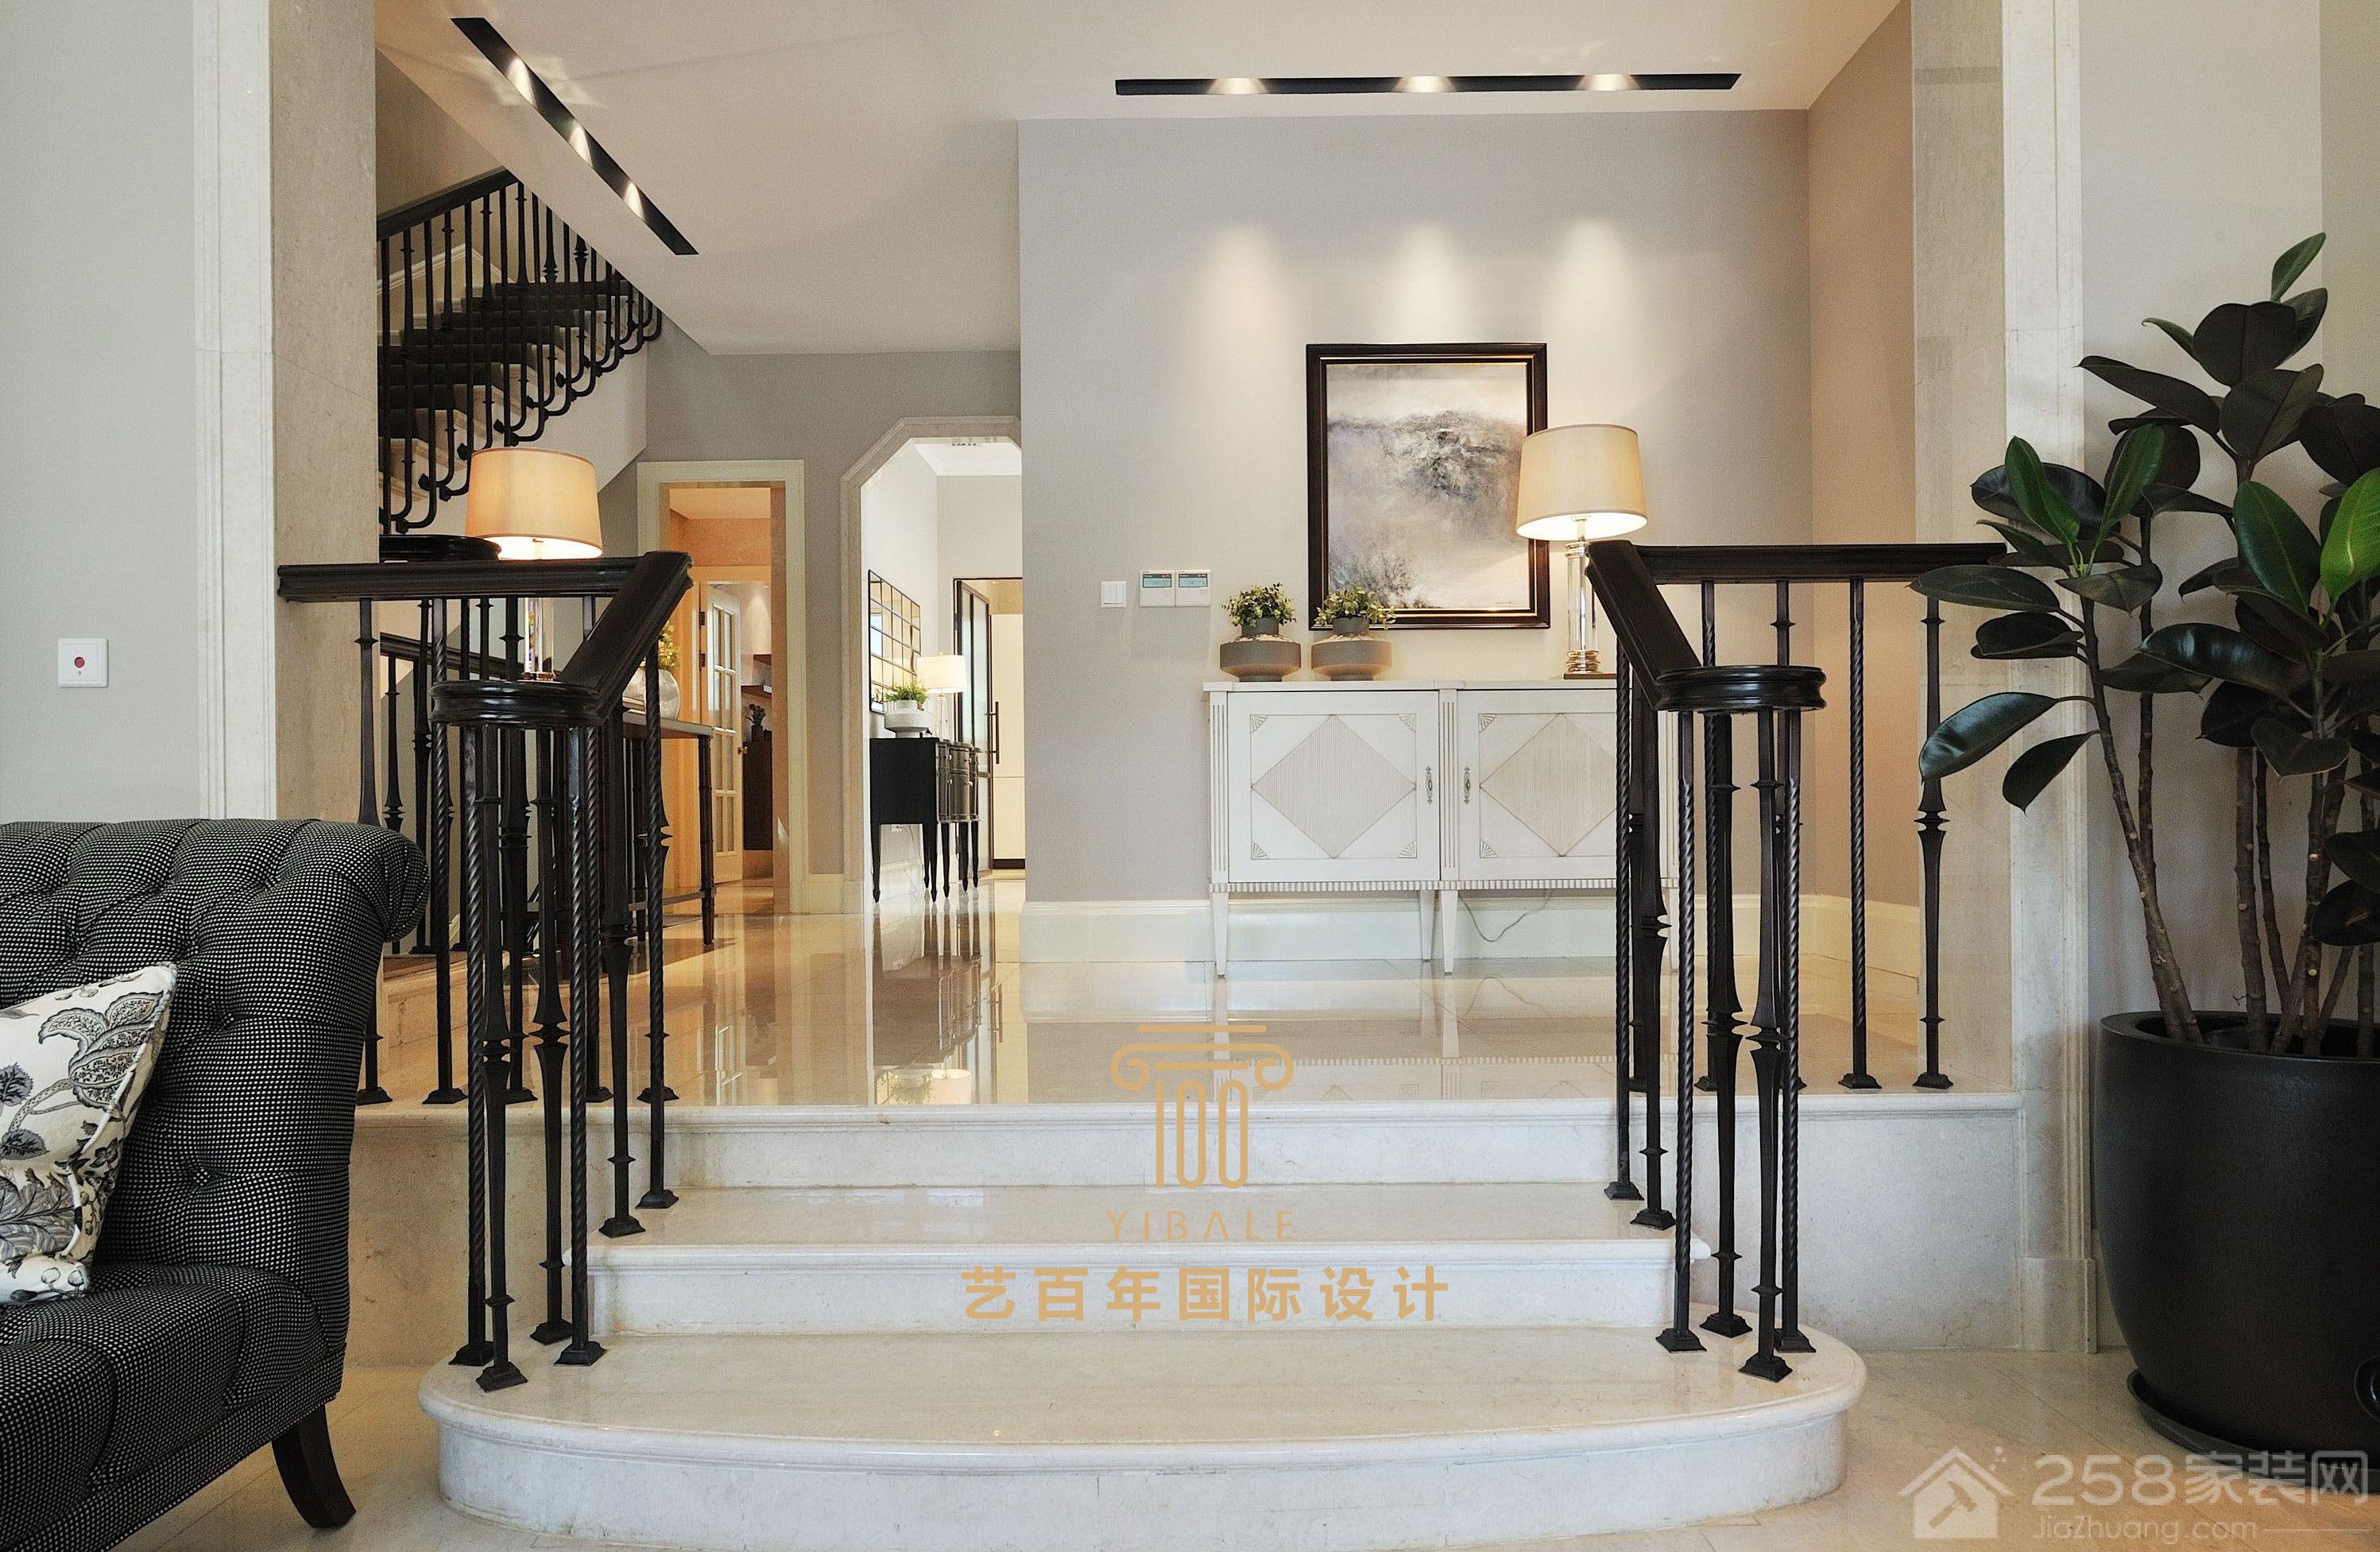 悠山香庭 现代美式风格别墅家装效果图